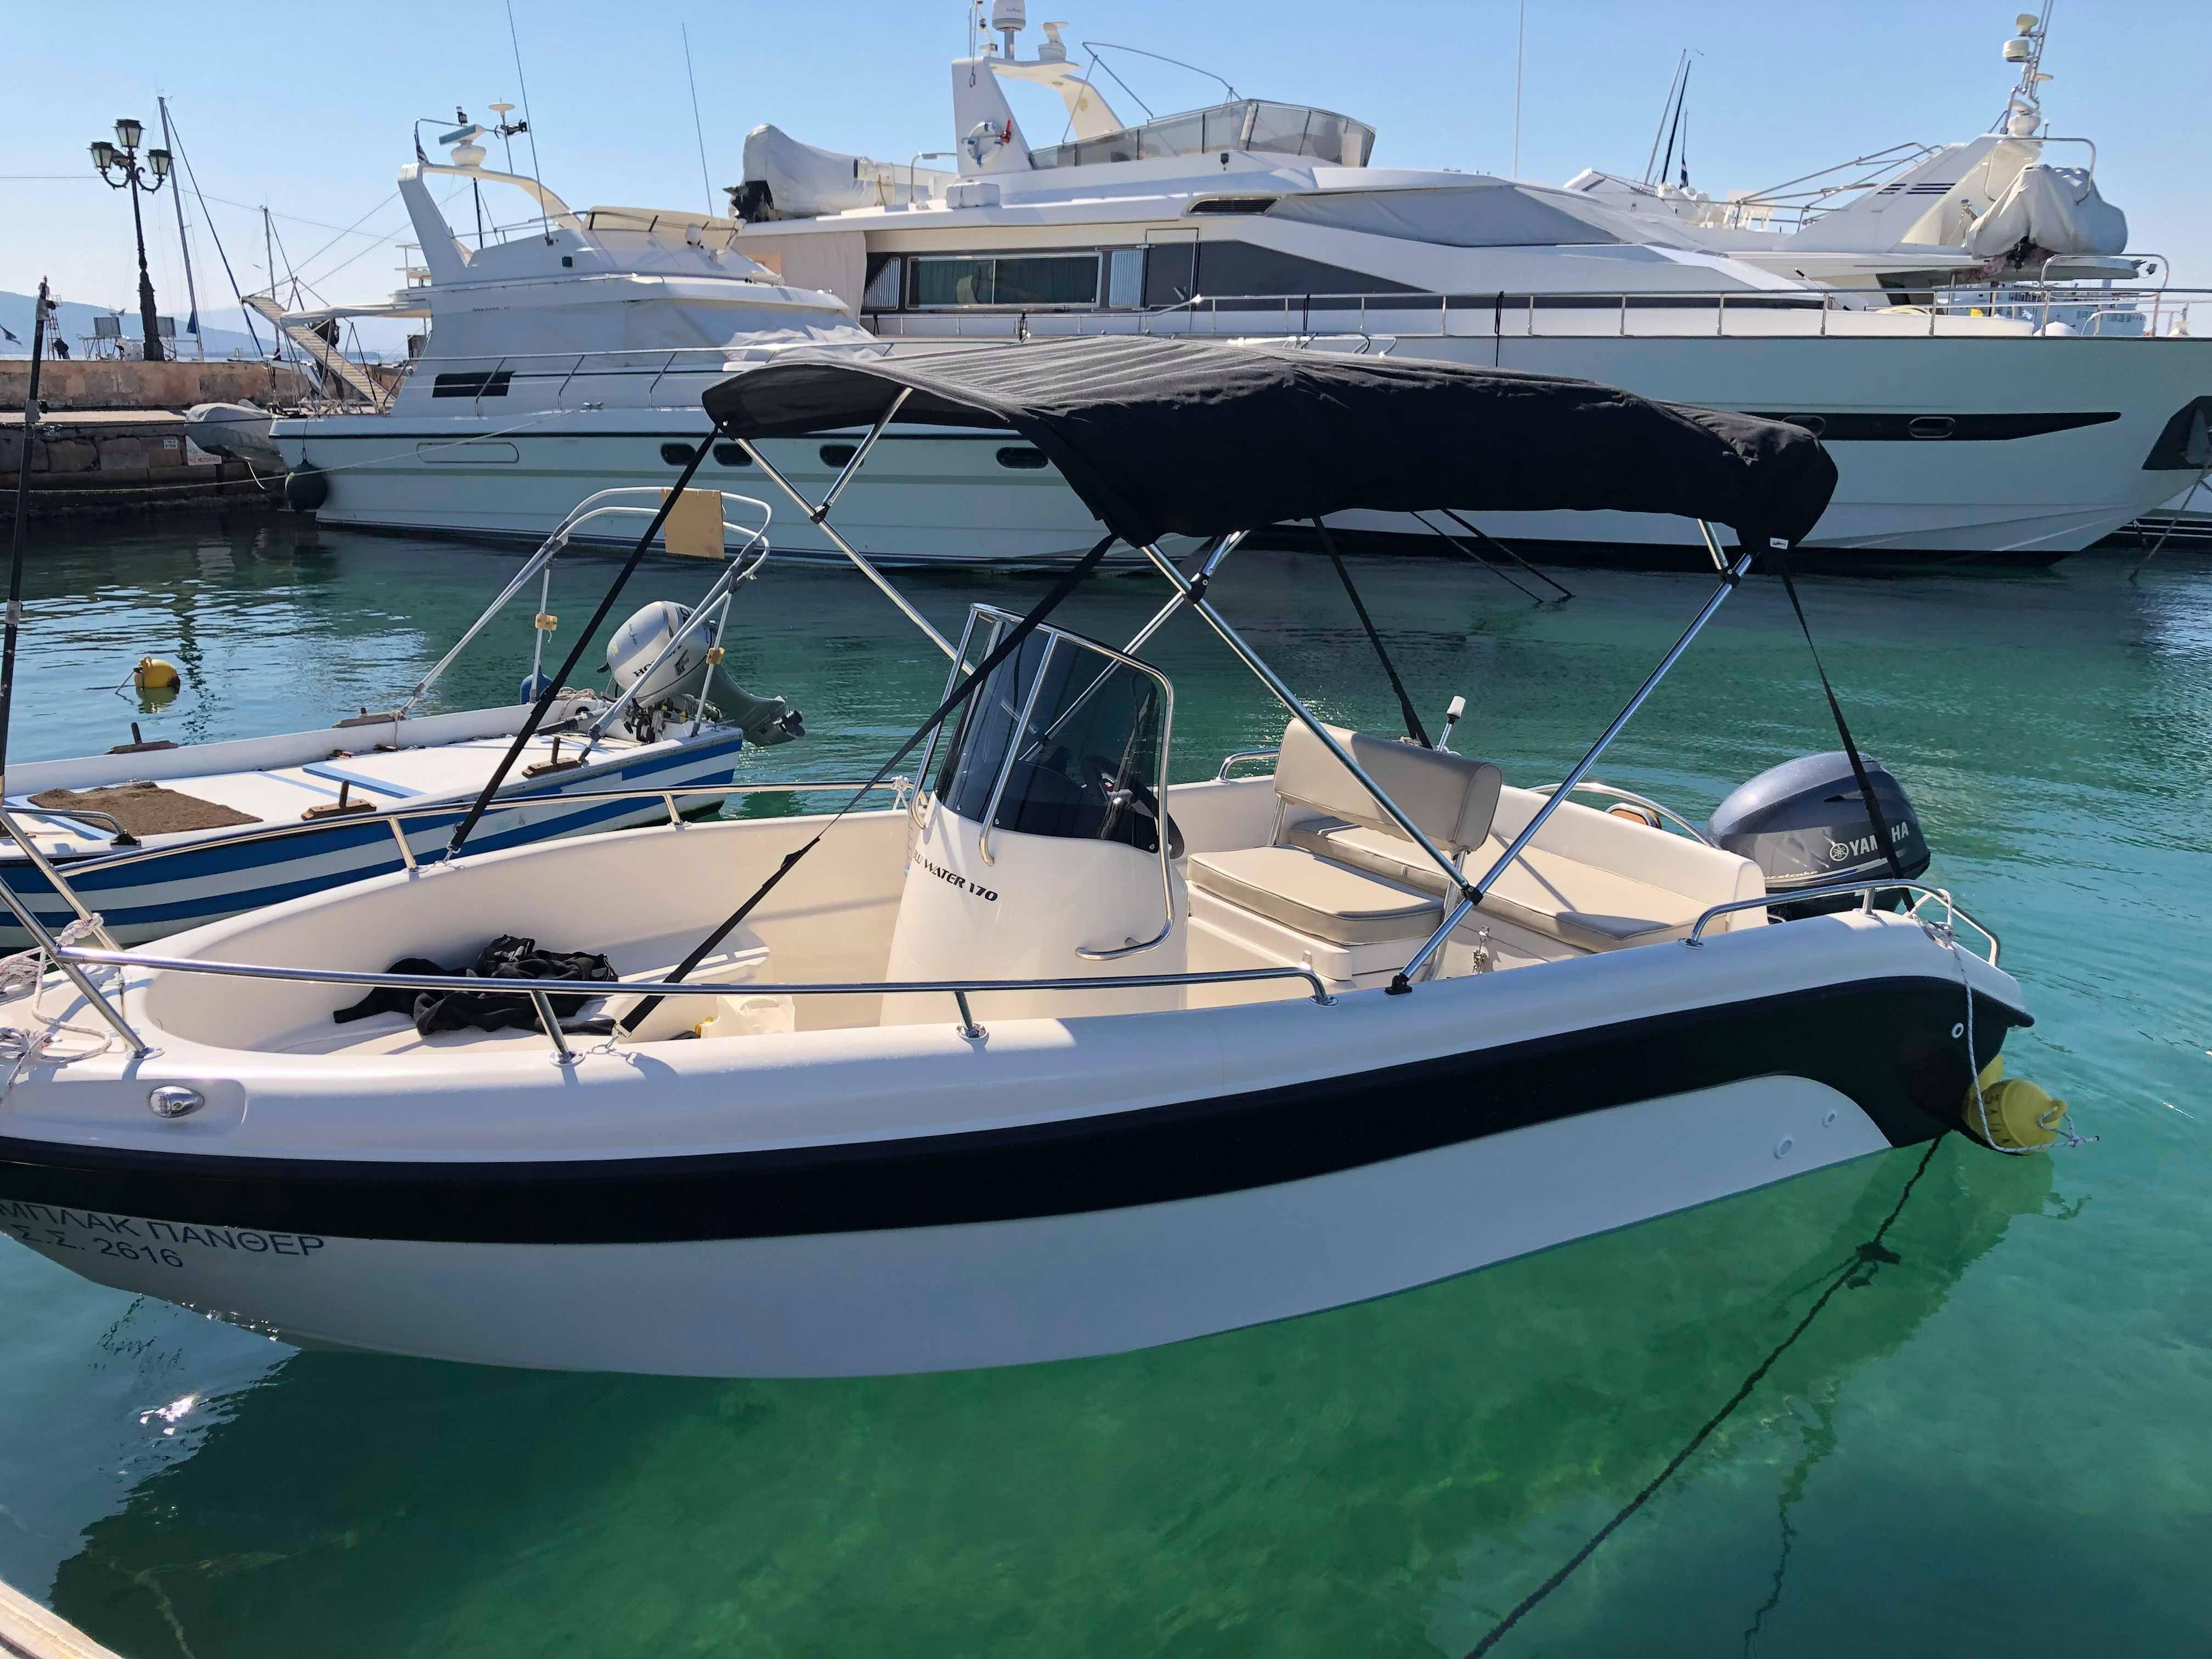 hire a boat in santorini